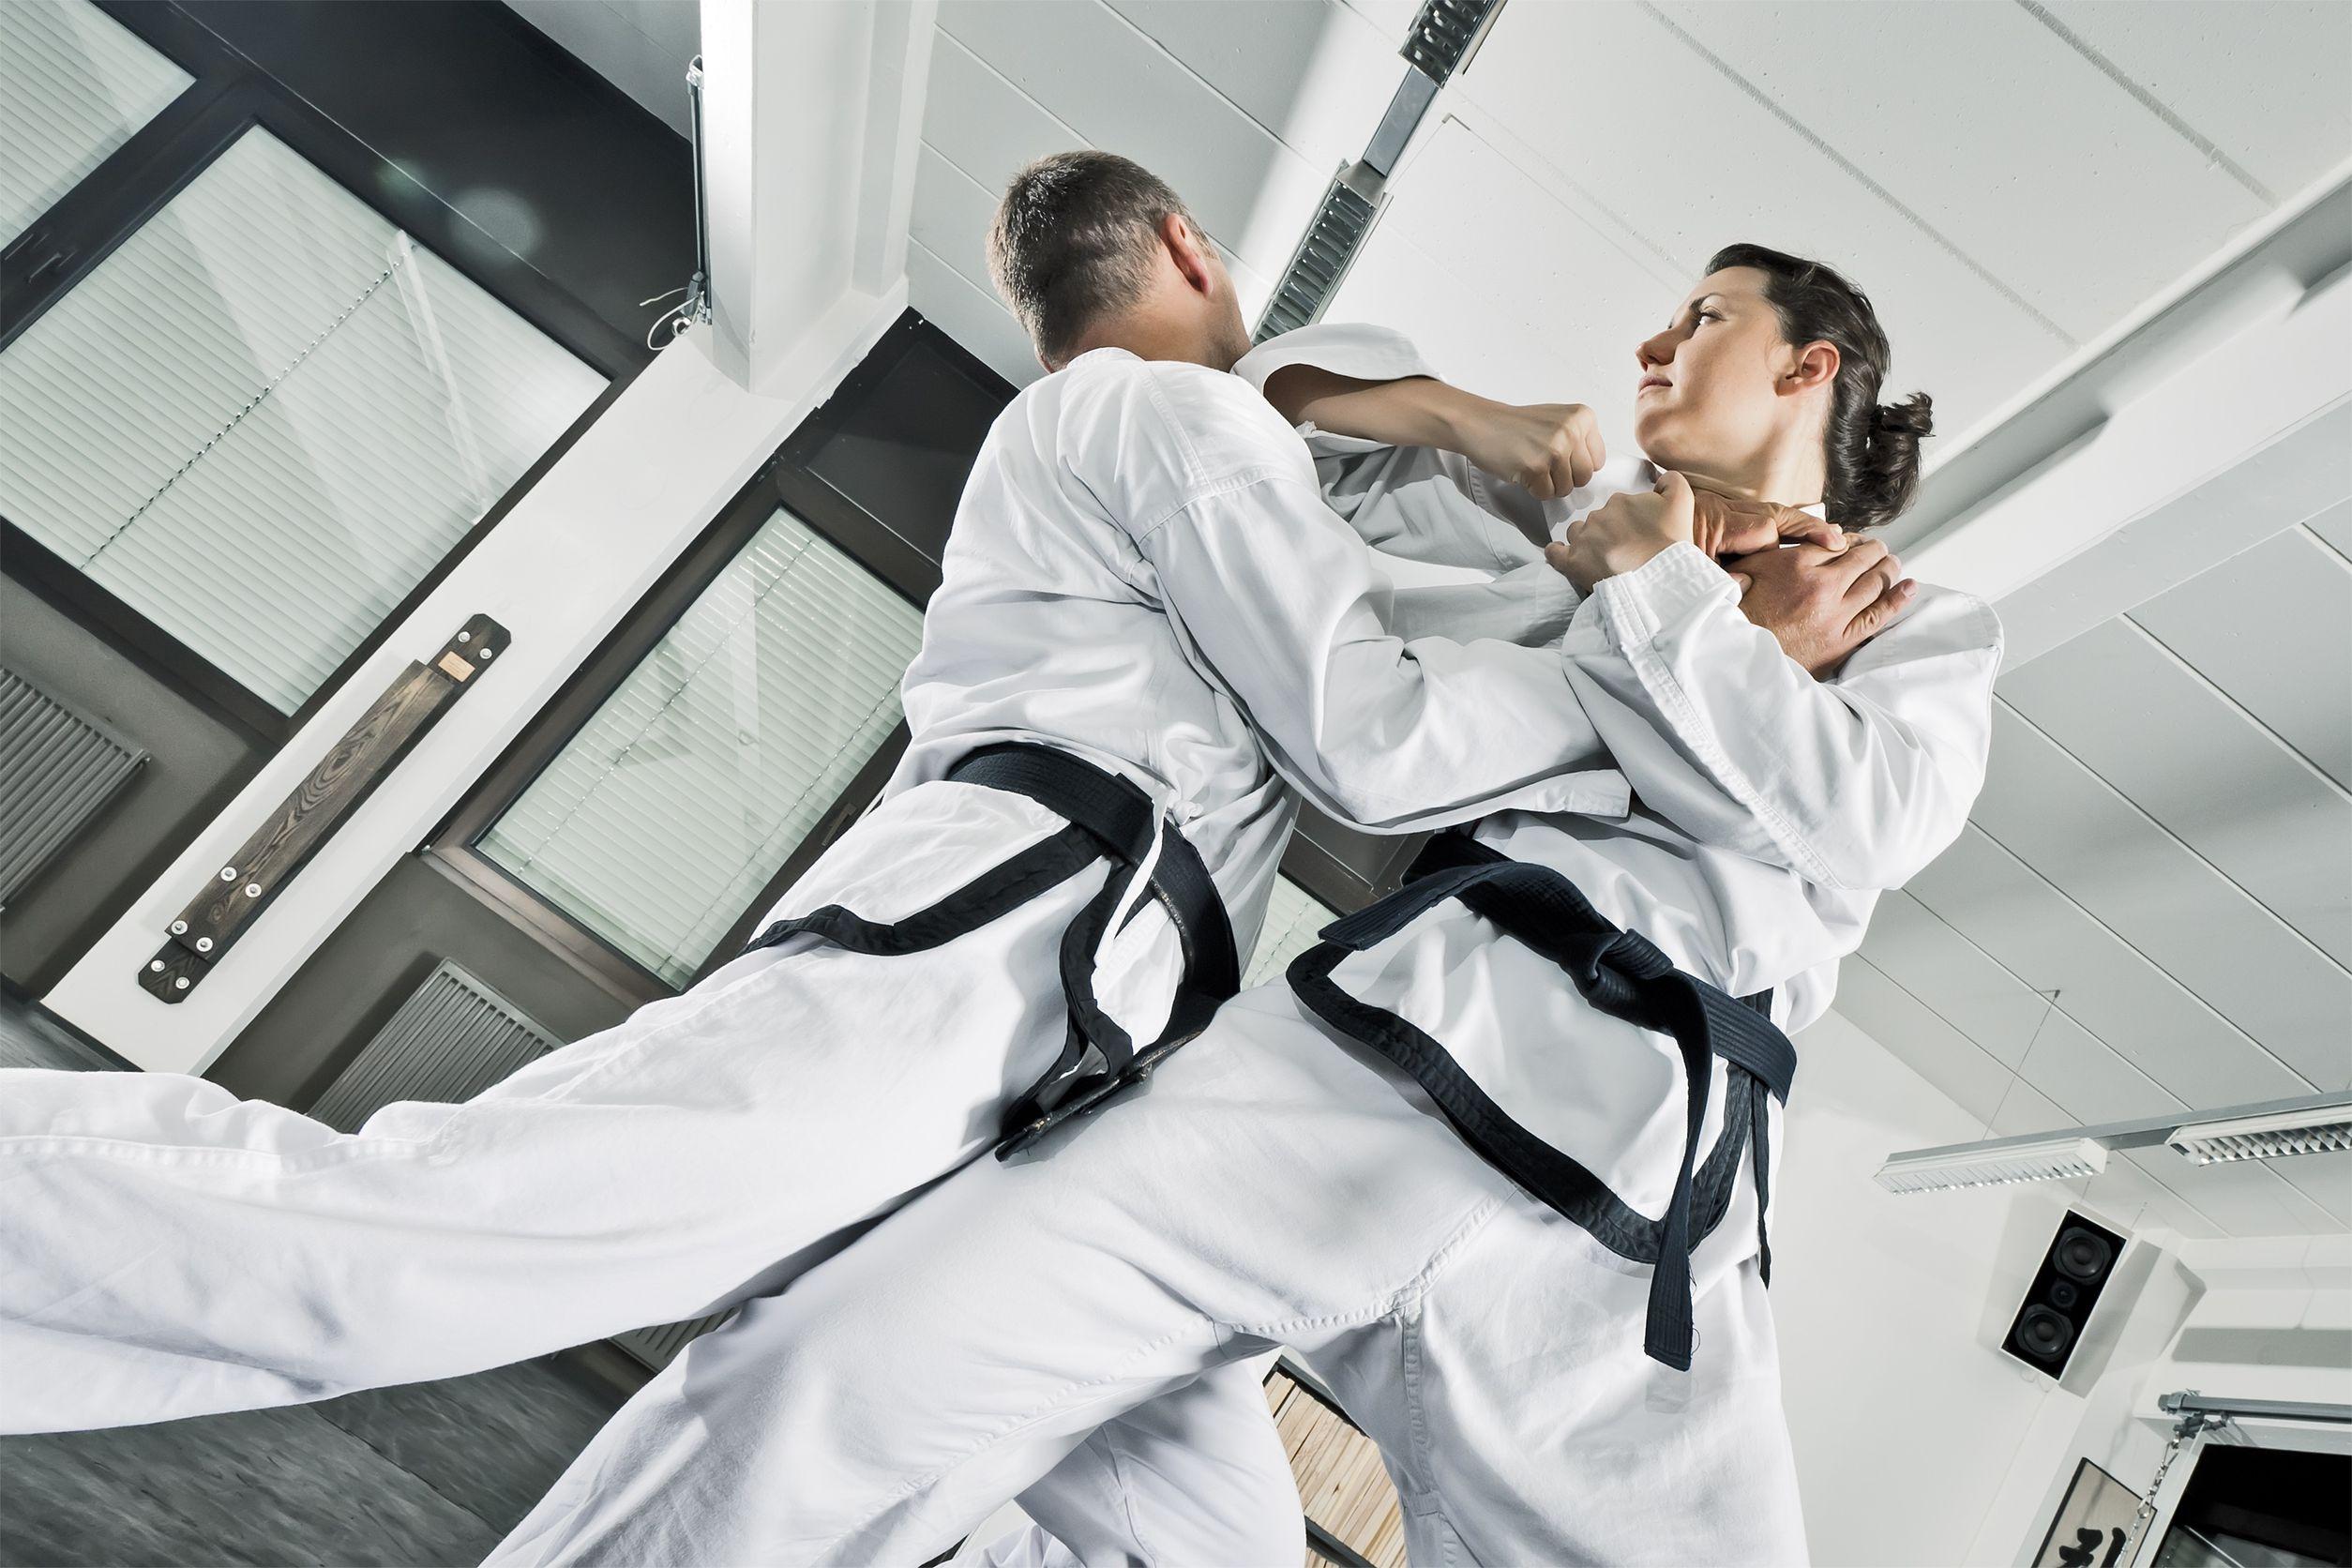 Recomendaciones de defensa personal para reaccionar ante un acoso